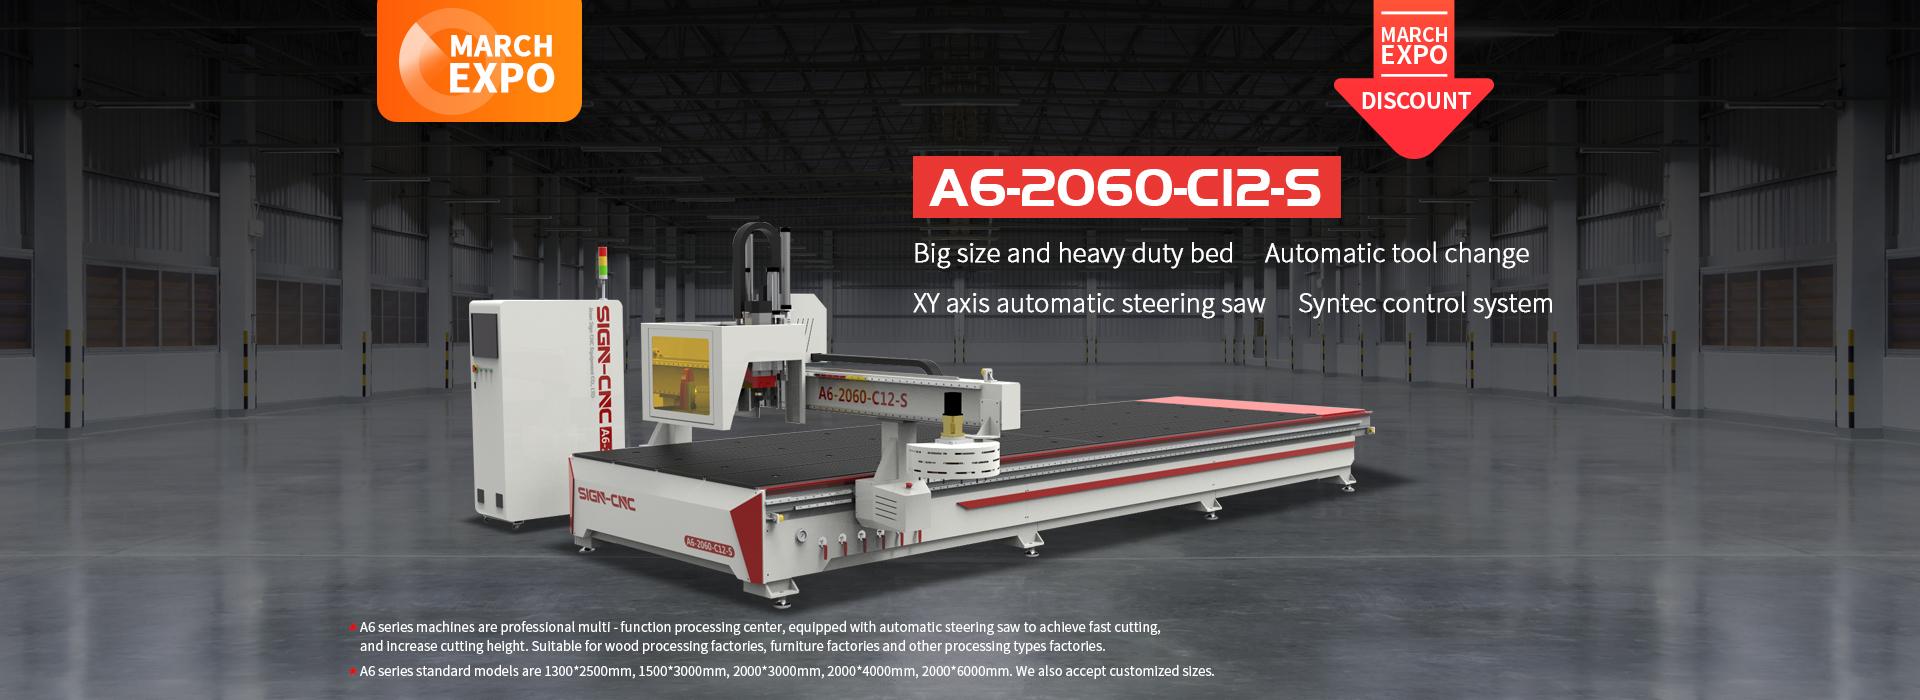 A6-2060-C12-S